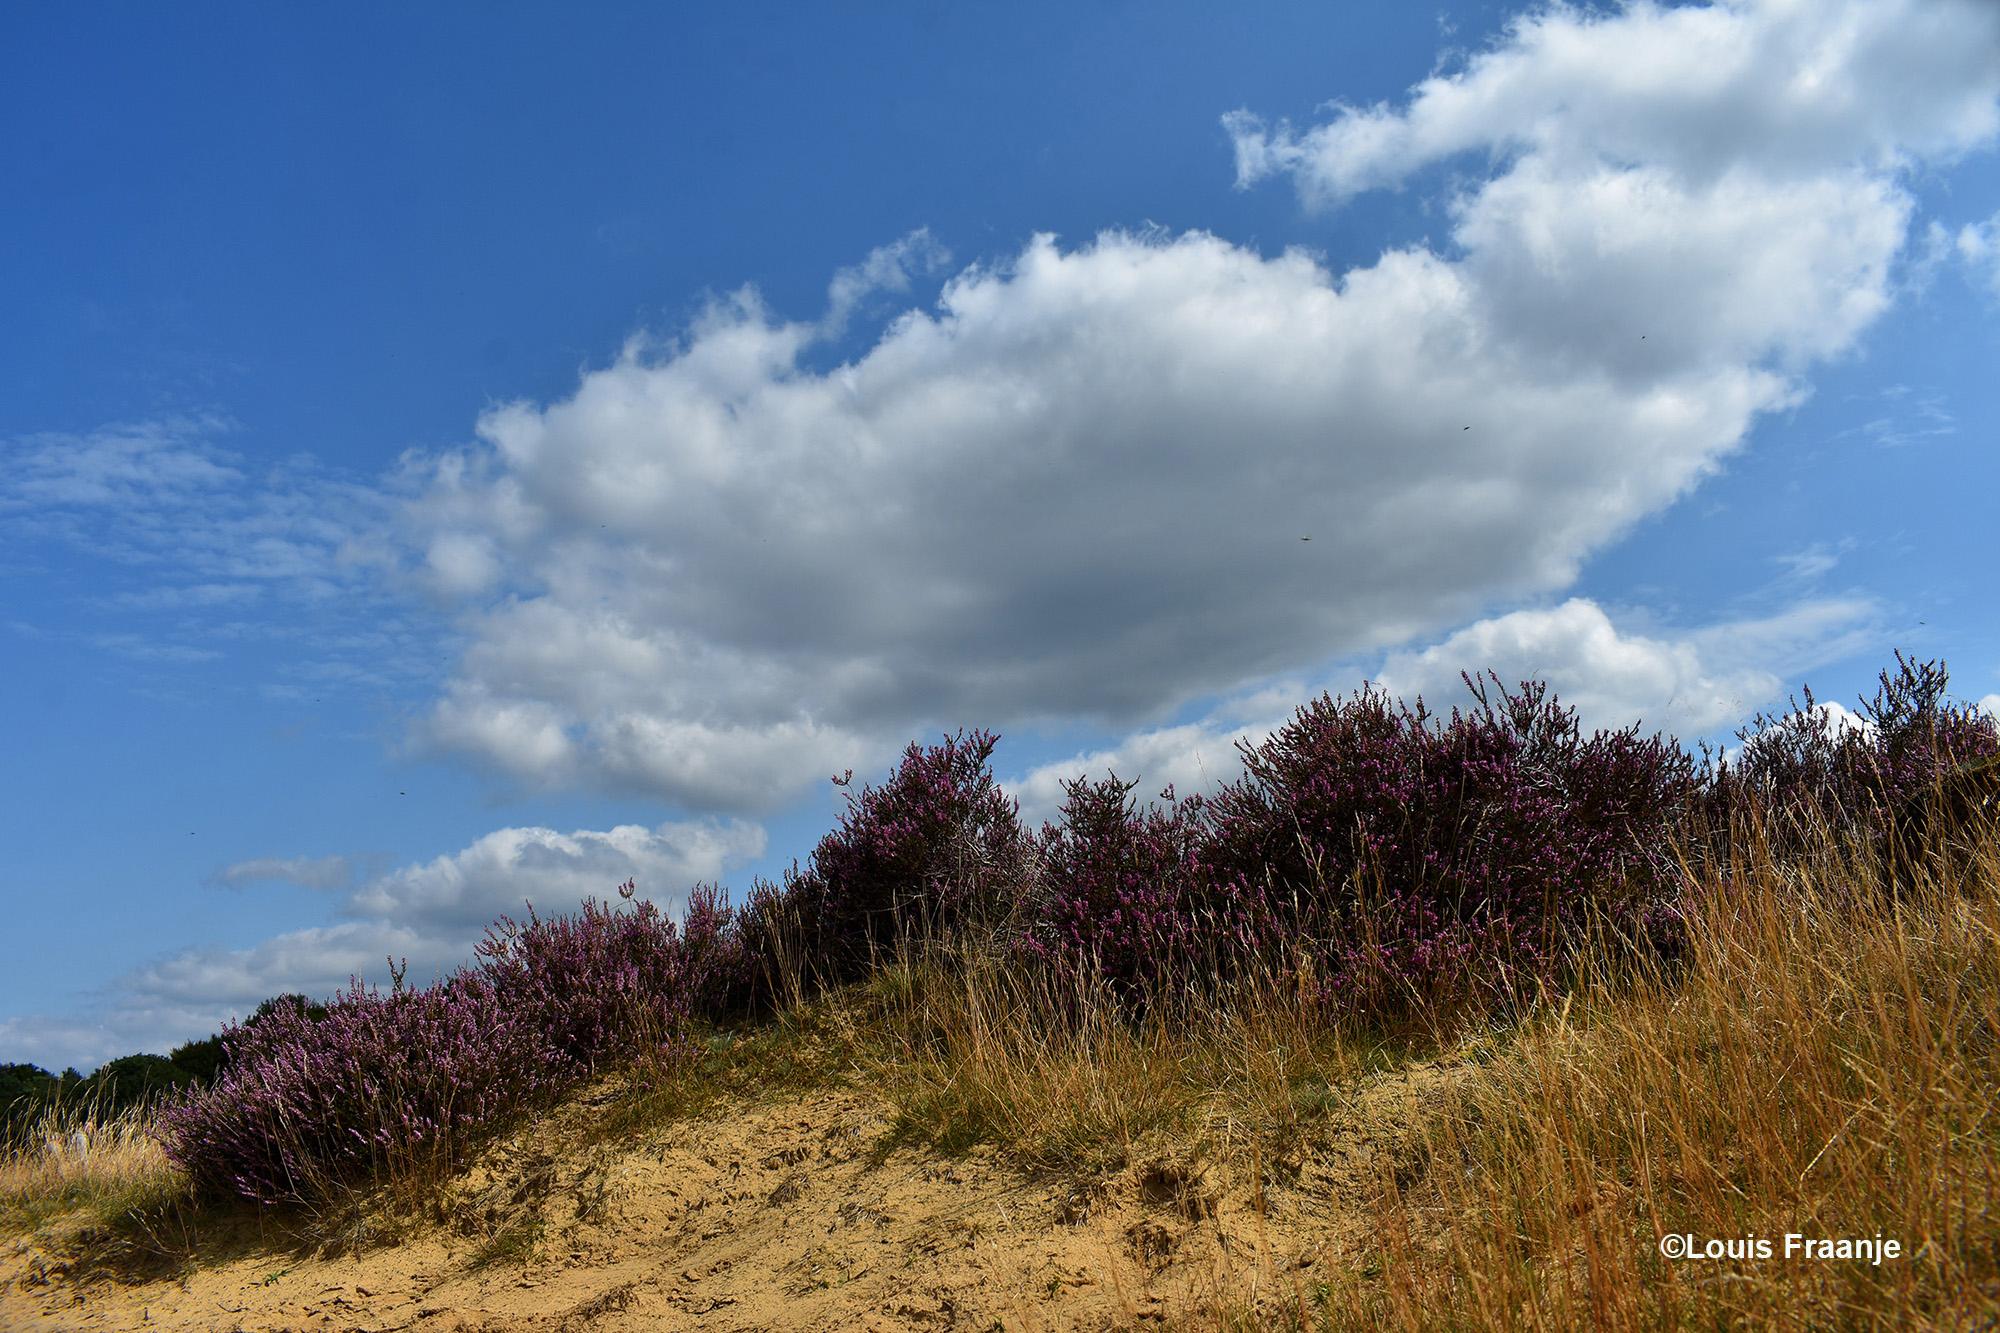 Bloeiende heide tegen een zandheuvel, met daarachter een blauwe lucht met witte wolken - Foto: ©Louis Fraanje